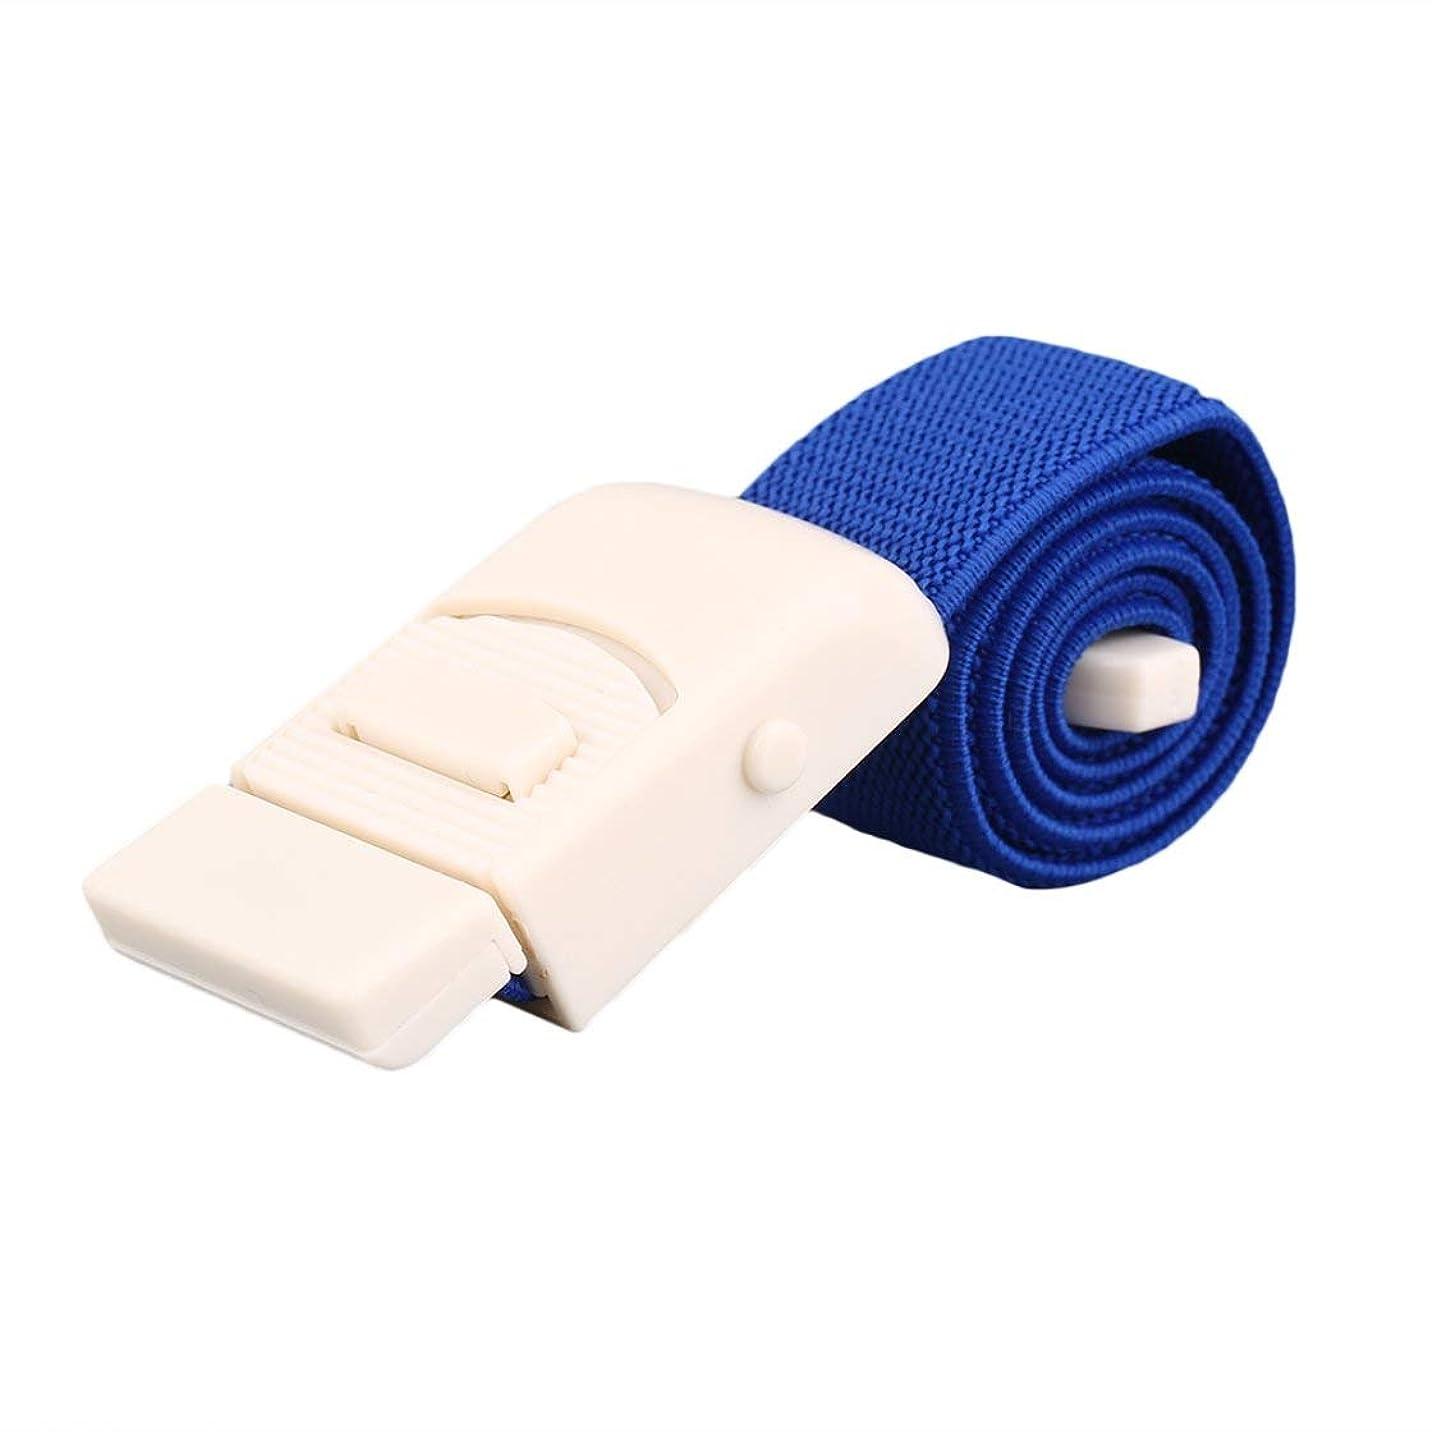 凶暴な一貫性のないサンドイッチ2ピース止血帯クイックリリースバックル応急処置医師、看護師、一般使用カラーブルーサポートドロップ配送卸売 (色:ゴールデン+シルバー)(Rustle666)